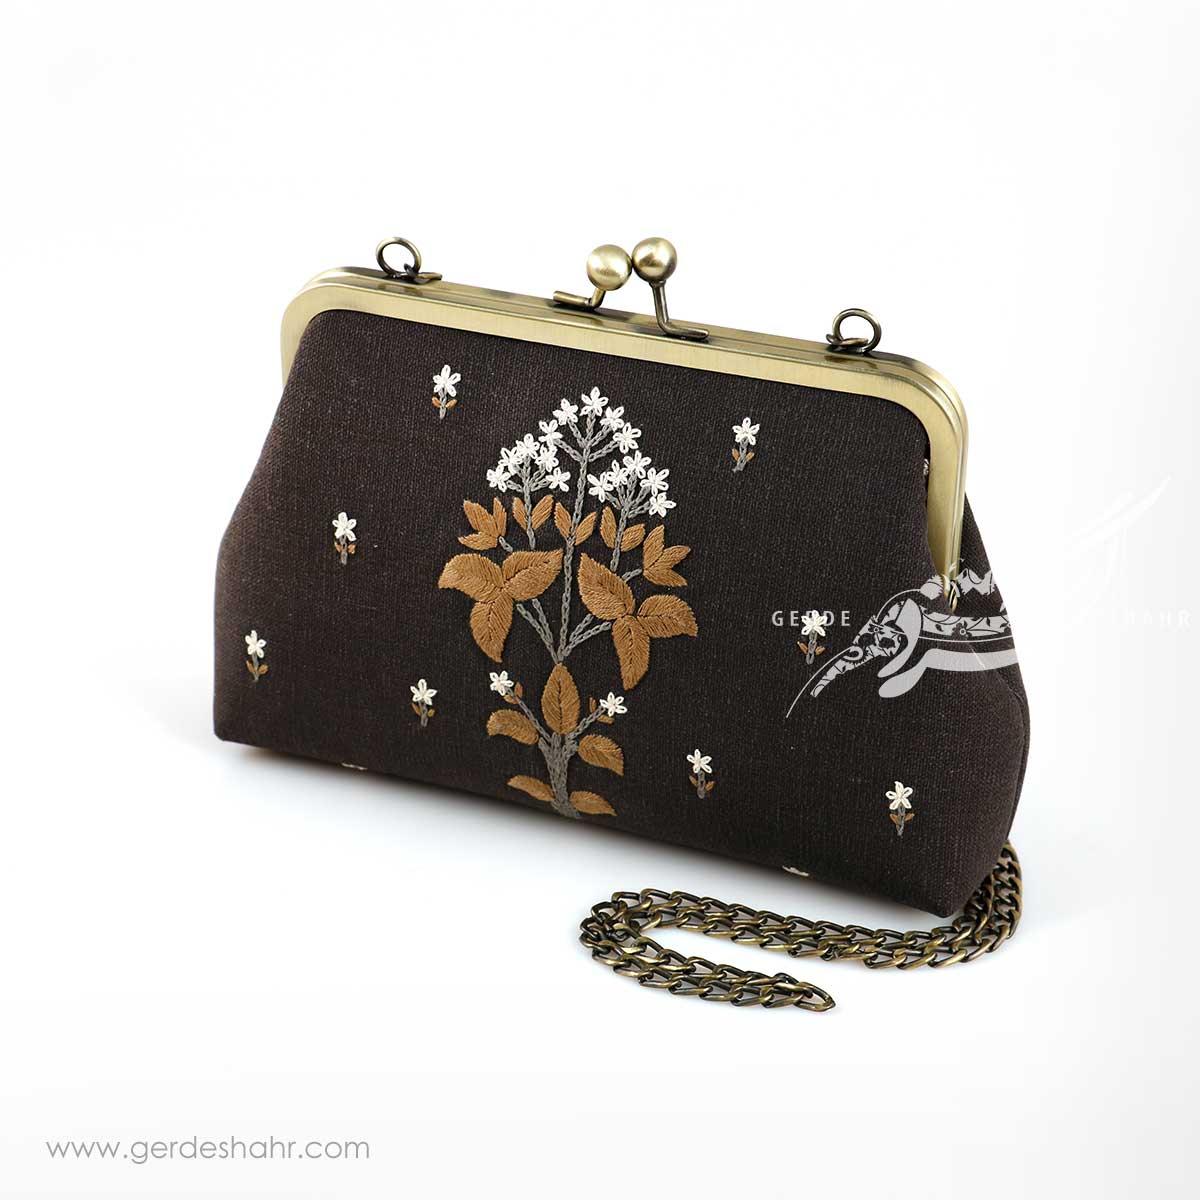 کیف بنددار دودی اربال راژانه گنجه رخت